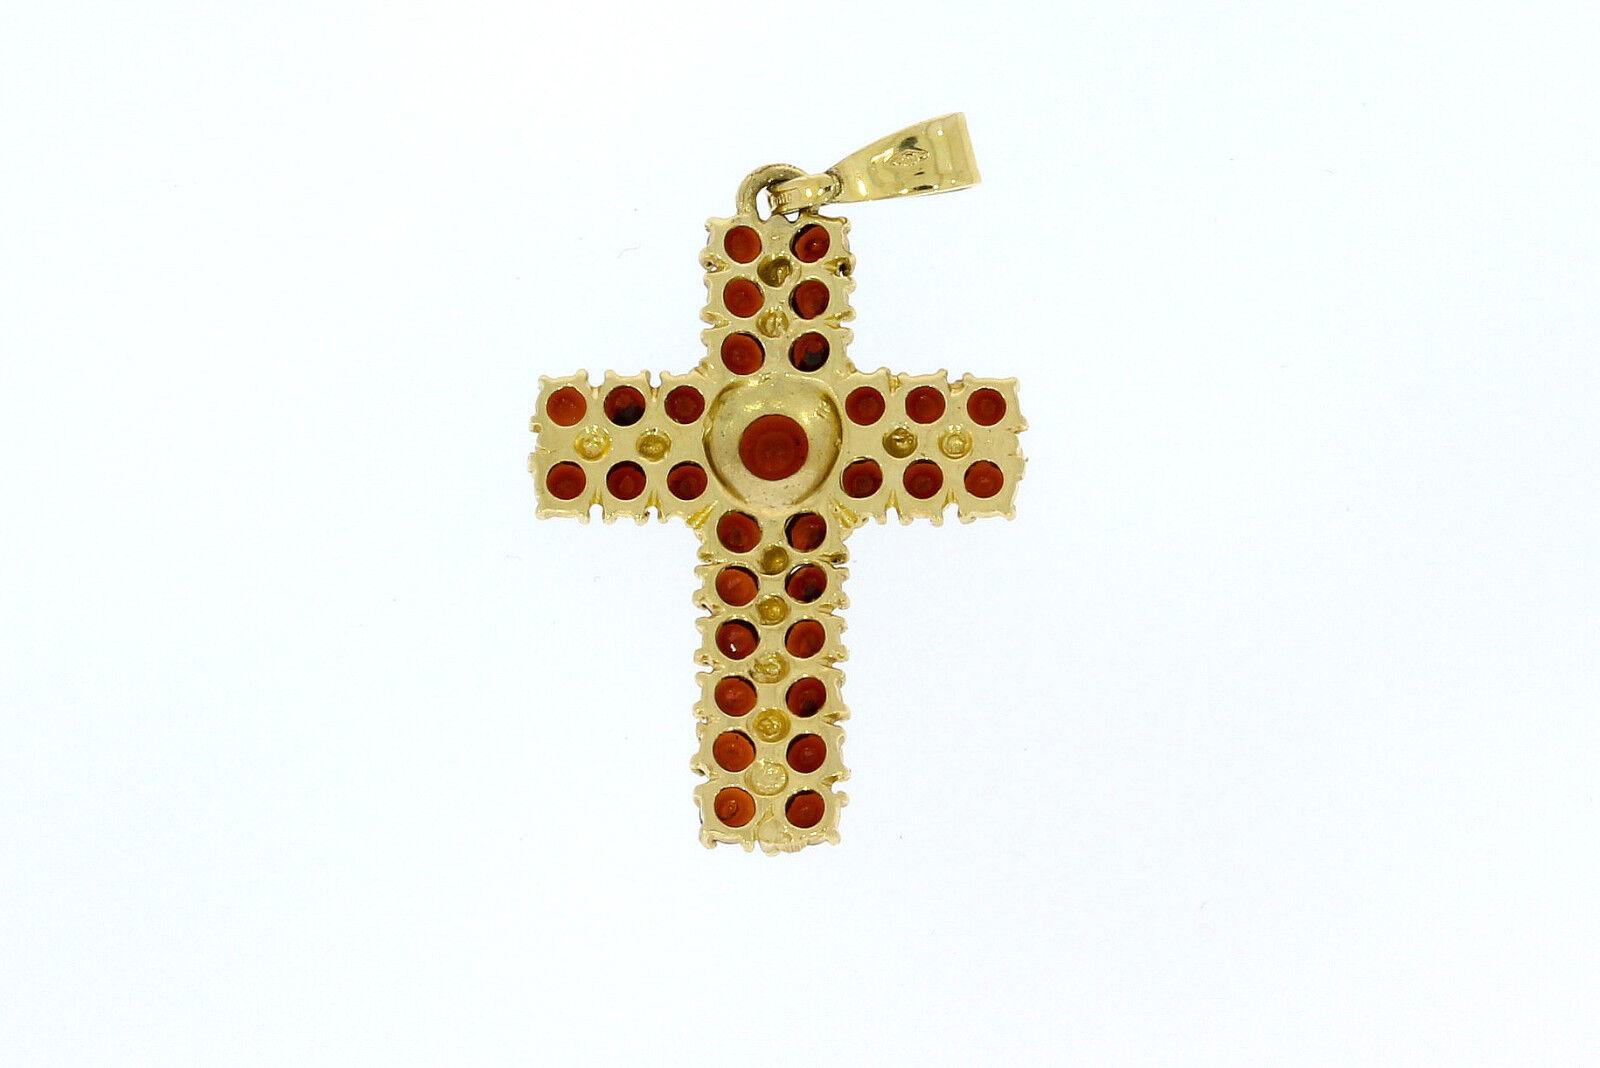 6295-585er giallo a a a croce con granata lungo 3 cm di larghezza 2 5 CM peso 3 3 grammi 197f33